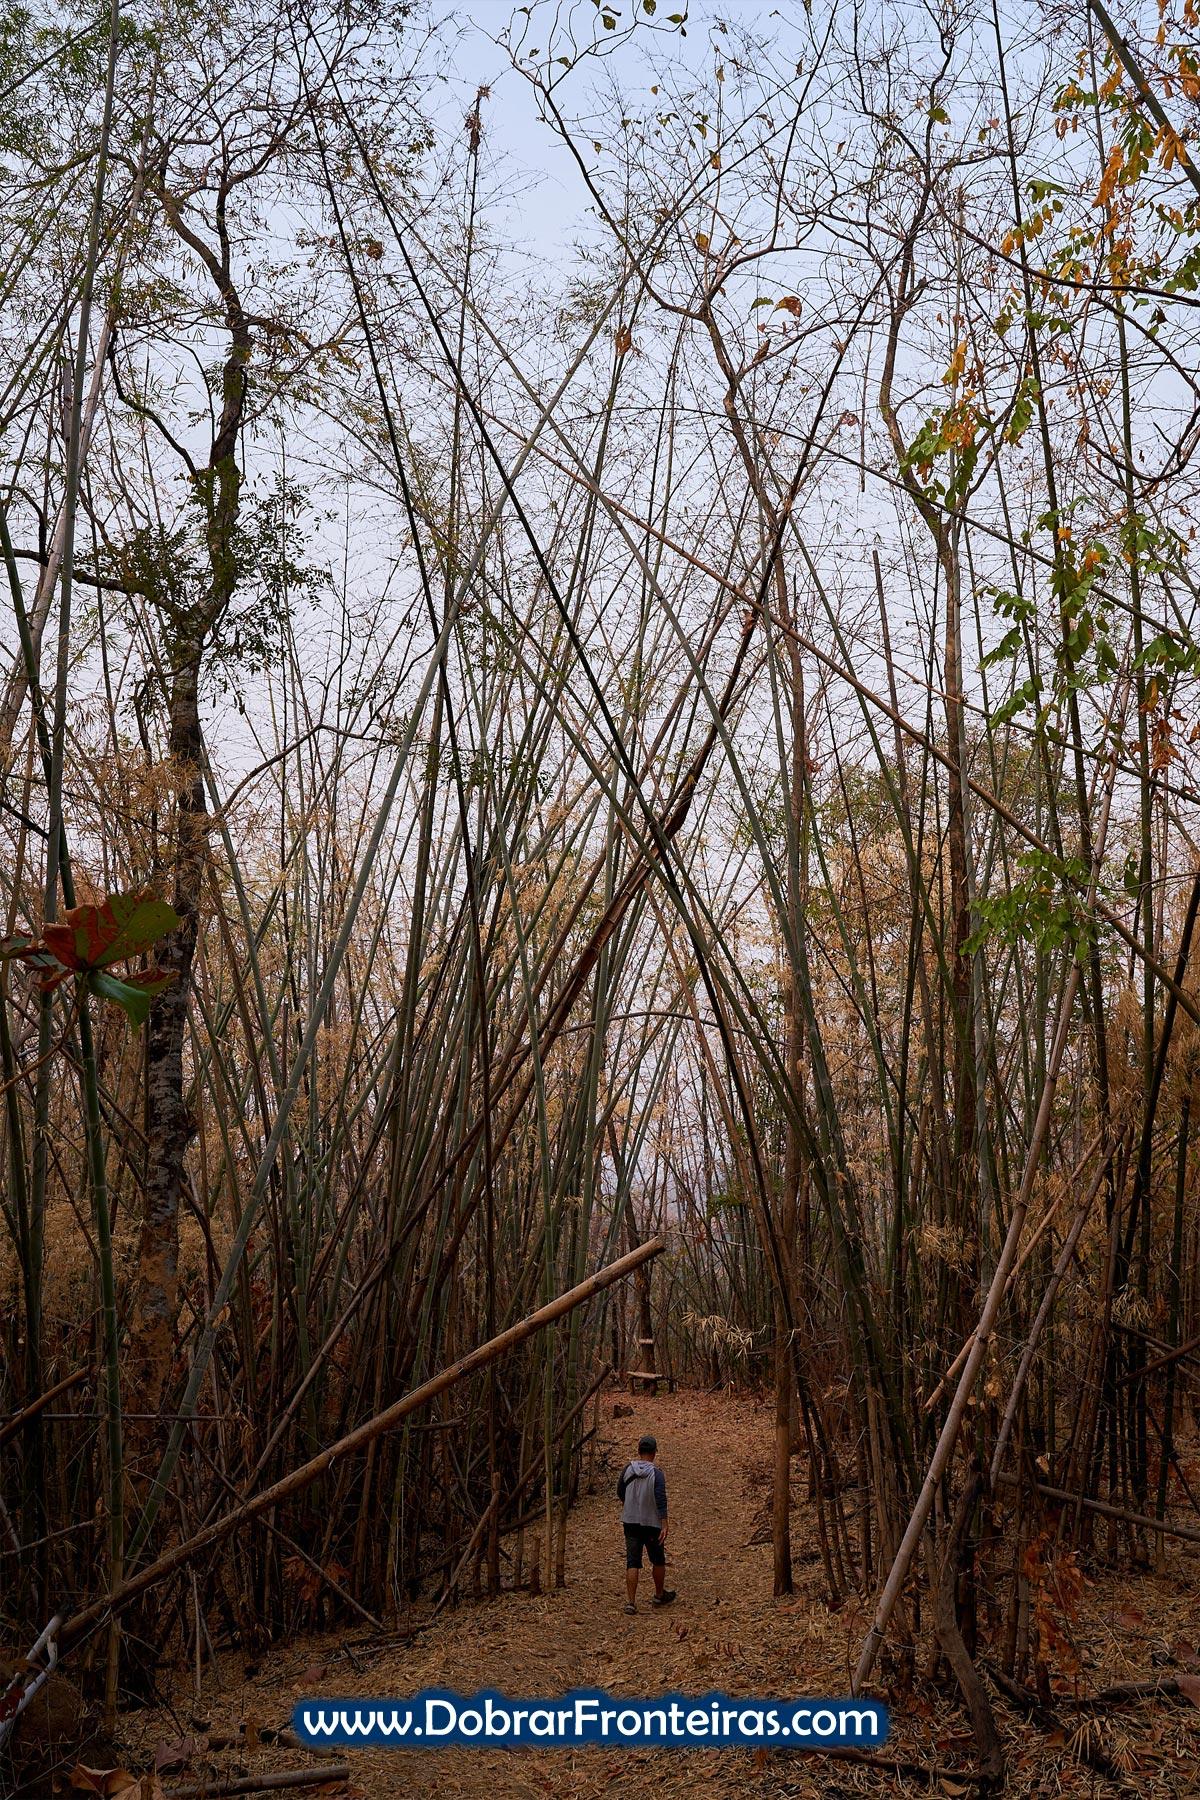 homem em floresta de bambu